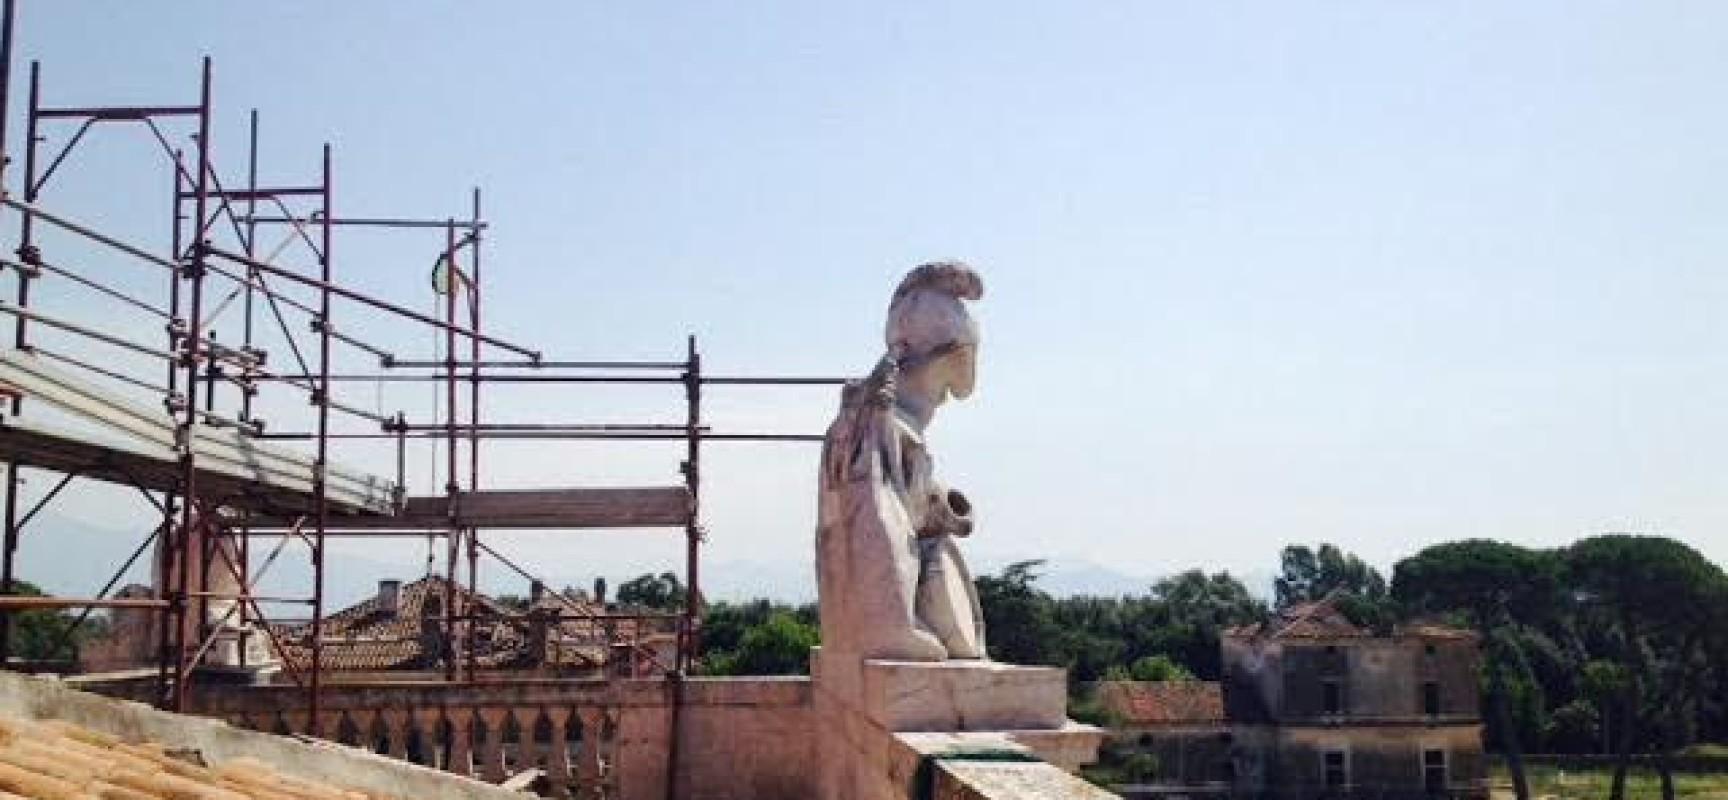 Carditello, porte aperte nel sito in restauro